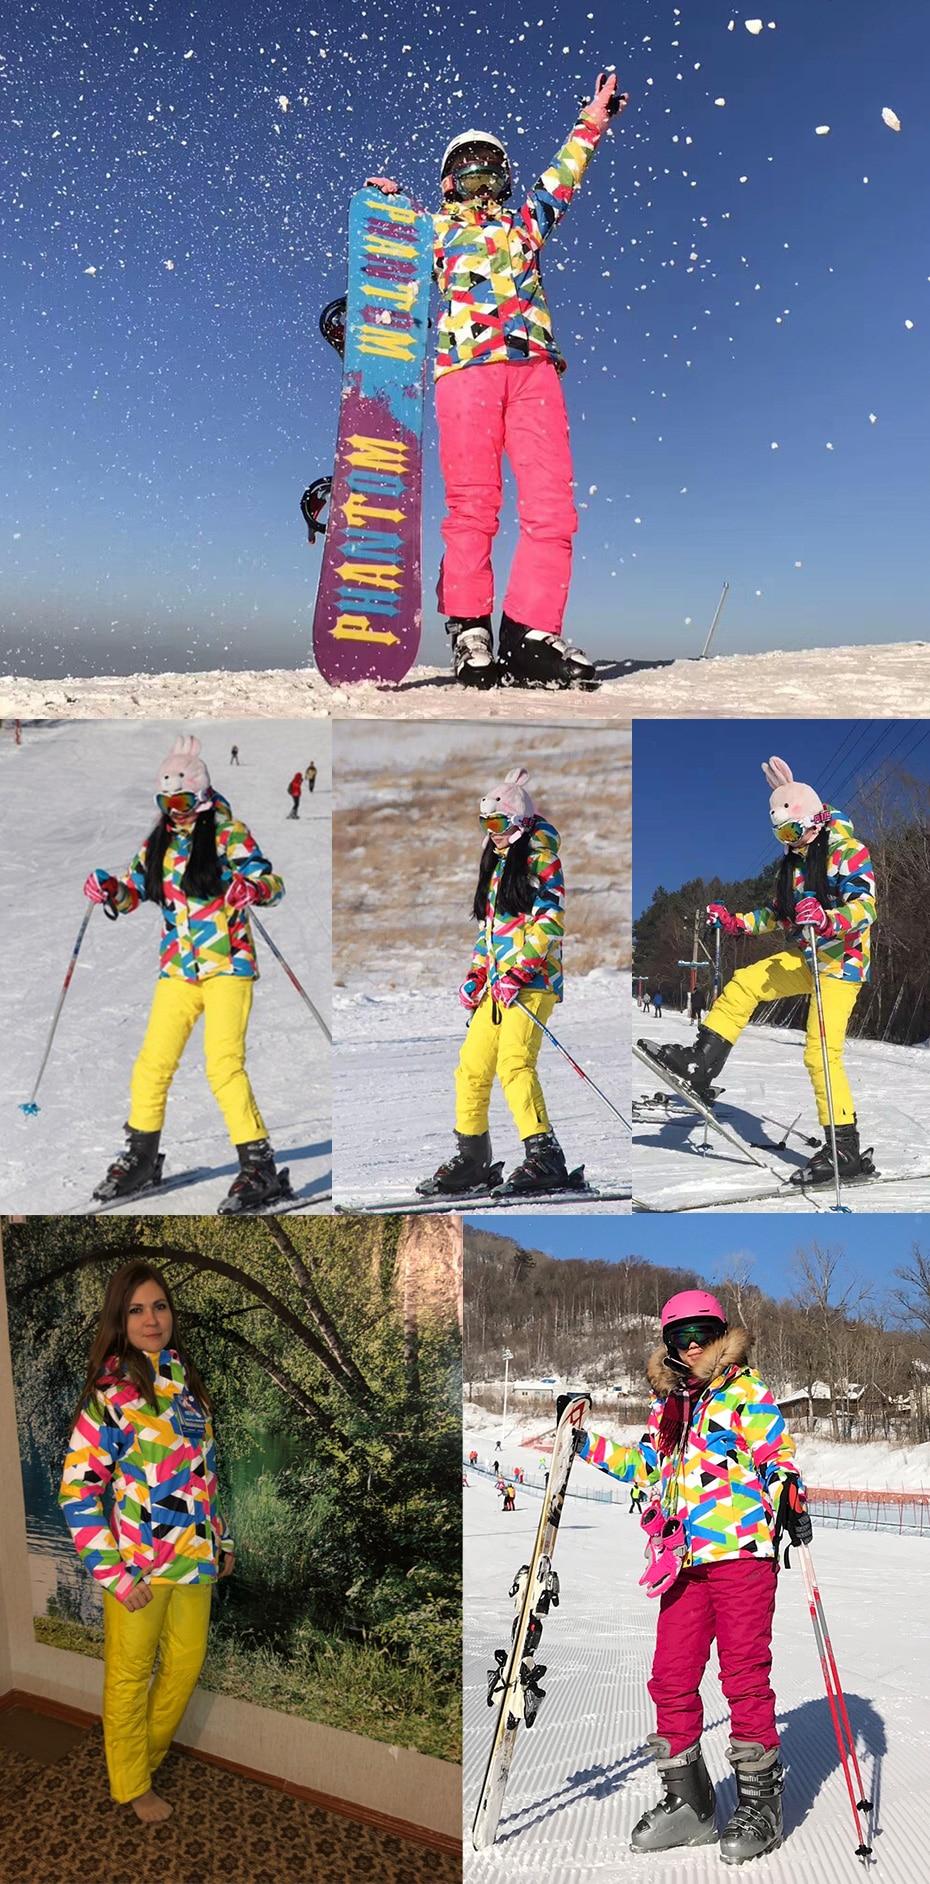 alta qualidade feminino calças neve à prova